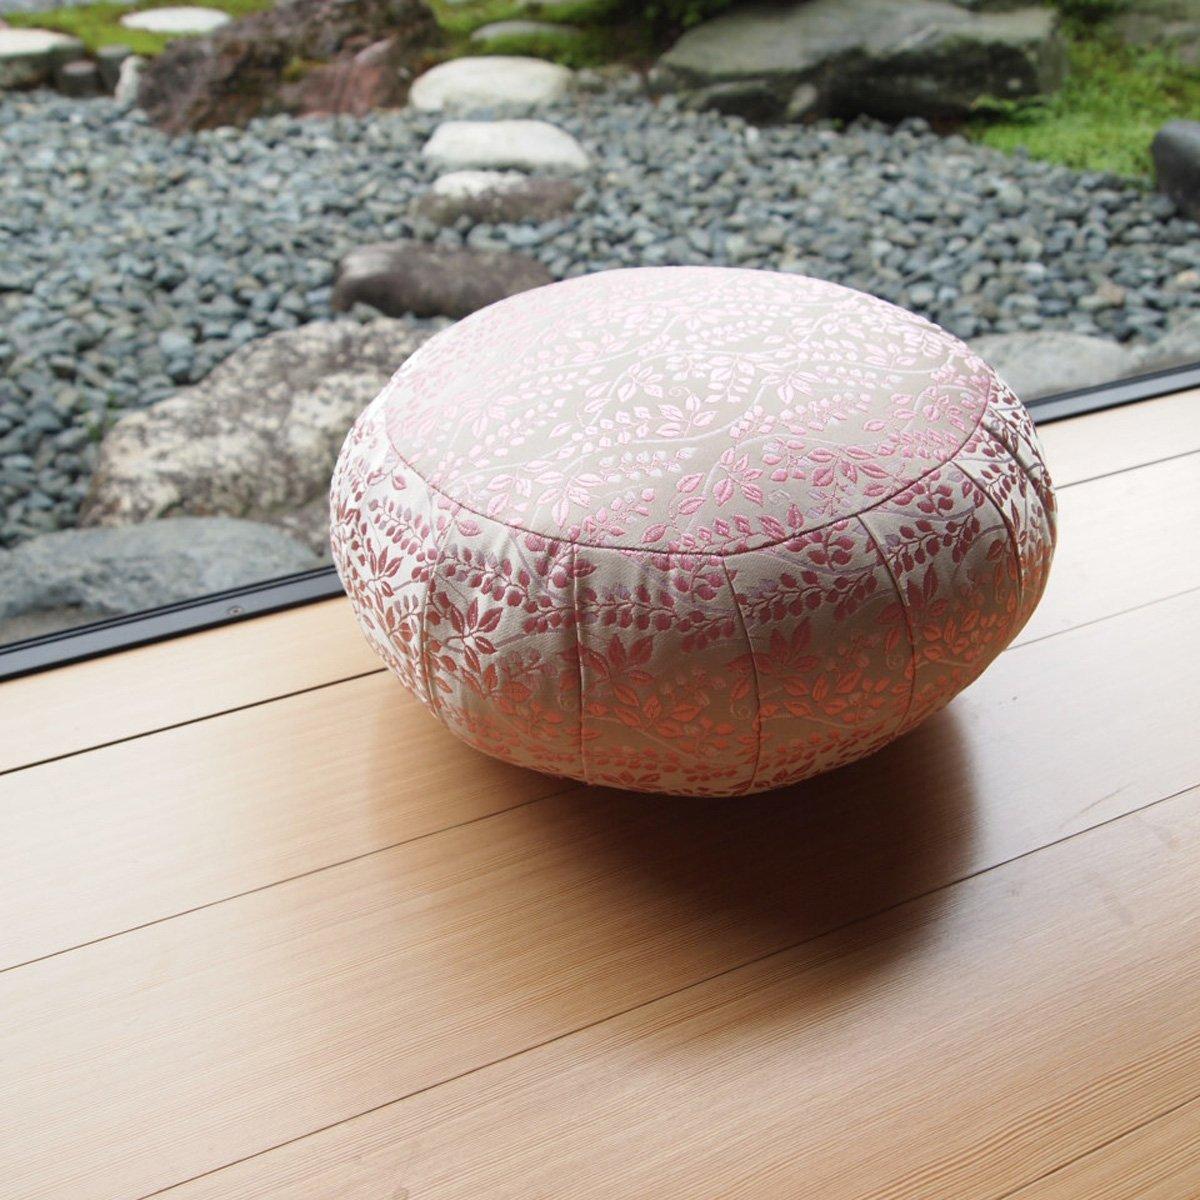 ヨガ座布団 yoga クッション(瞑想)座布座蒲座蒲座禅専用 座禅座布団 日本製 (33cm, ボタニカル ピンク) B074D53FN3 33cm|ボタニカル ピンク ボタニカル ピンク 33cm